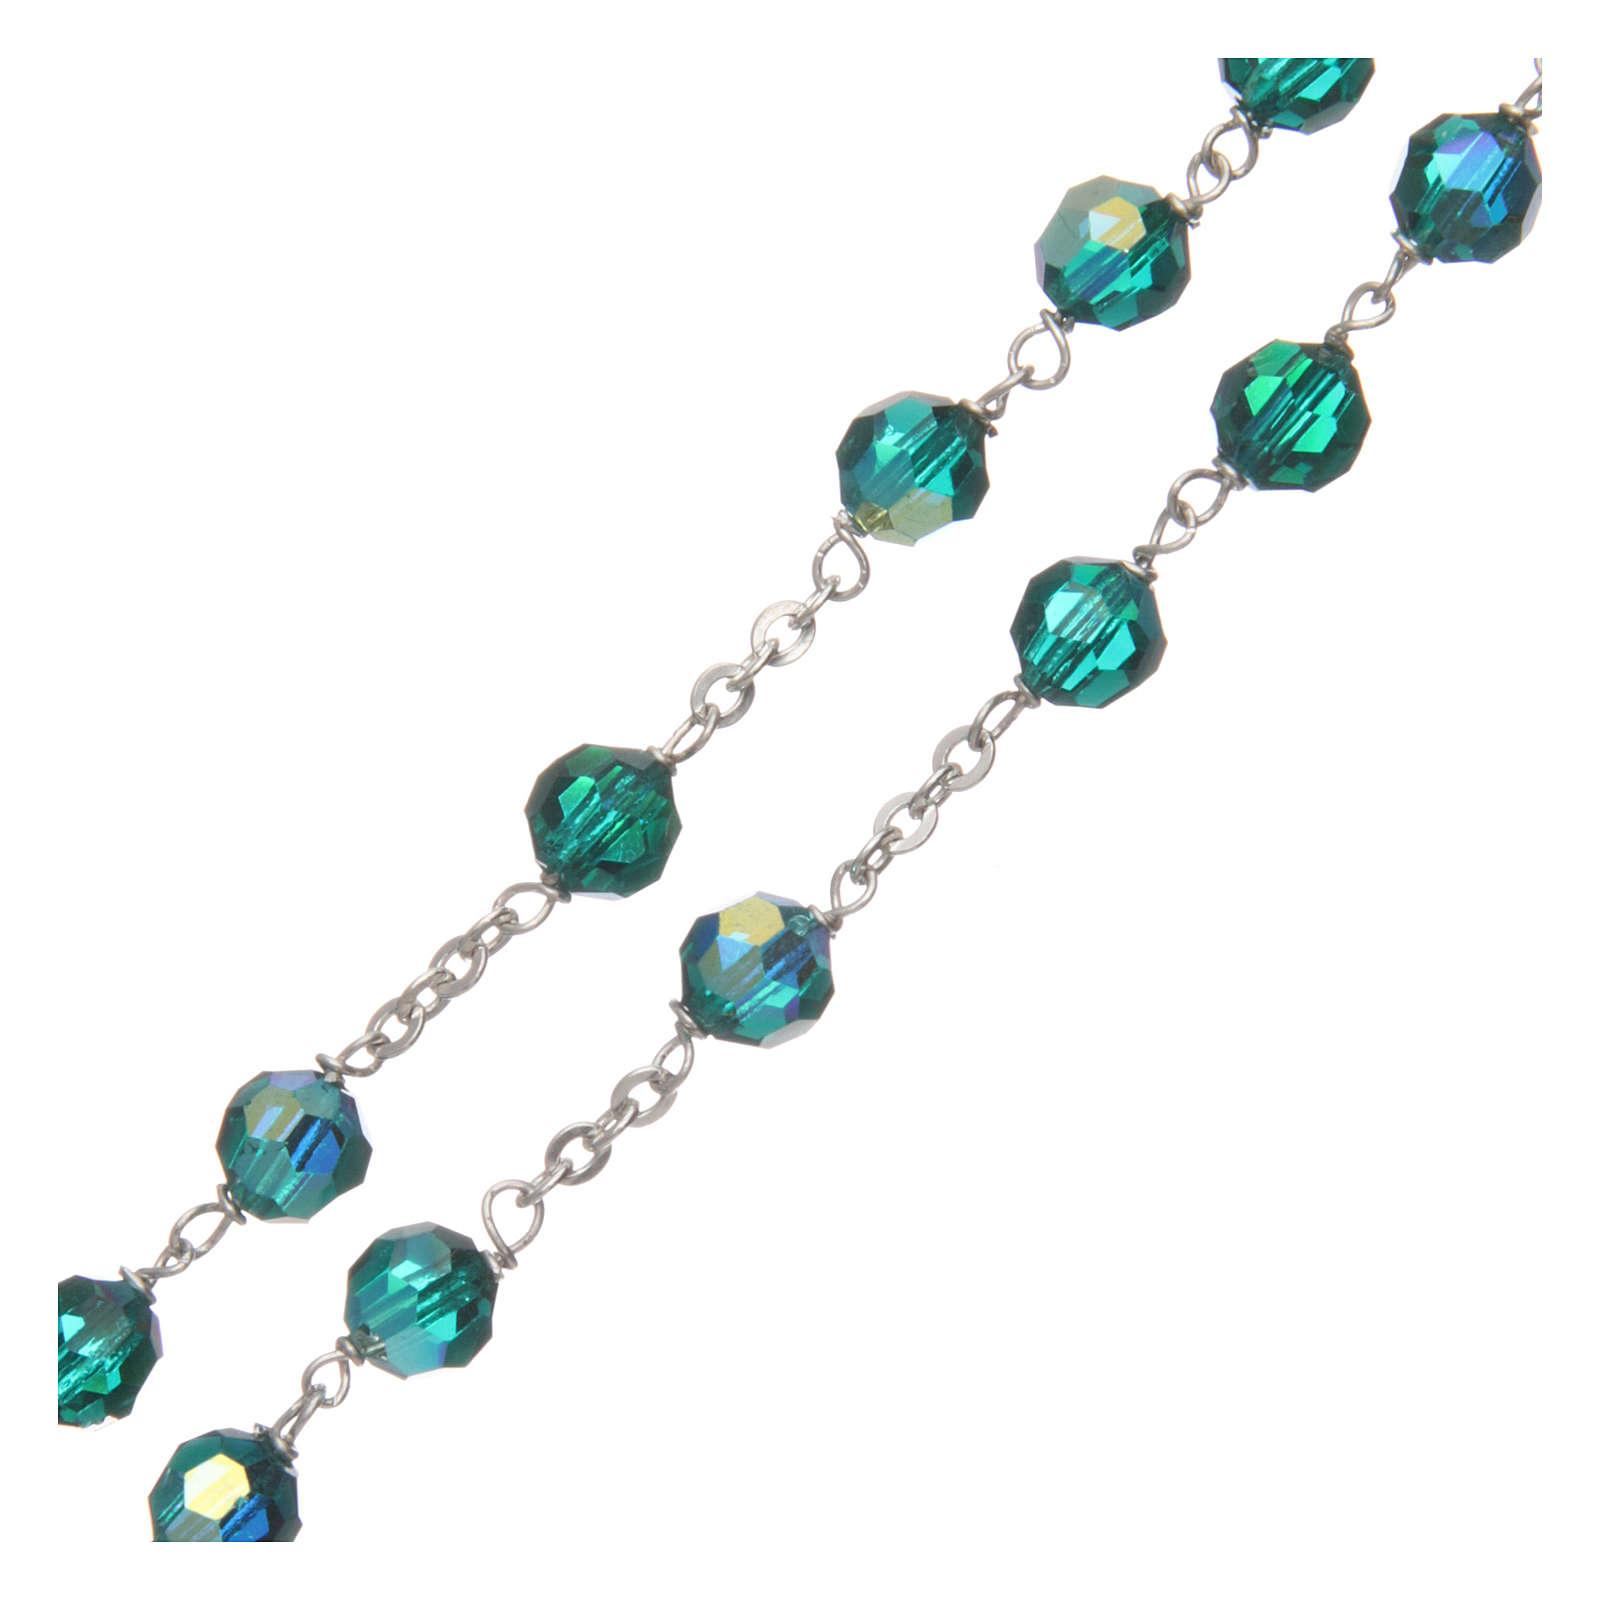 Chapelet cristal à facettes vert 6 mm chaîne argent 925 4